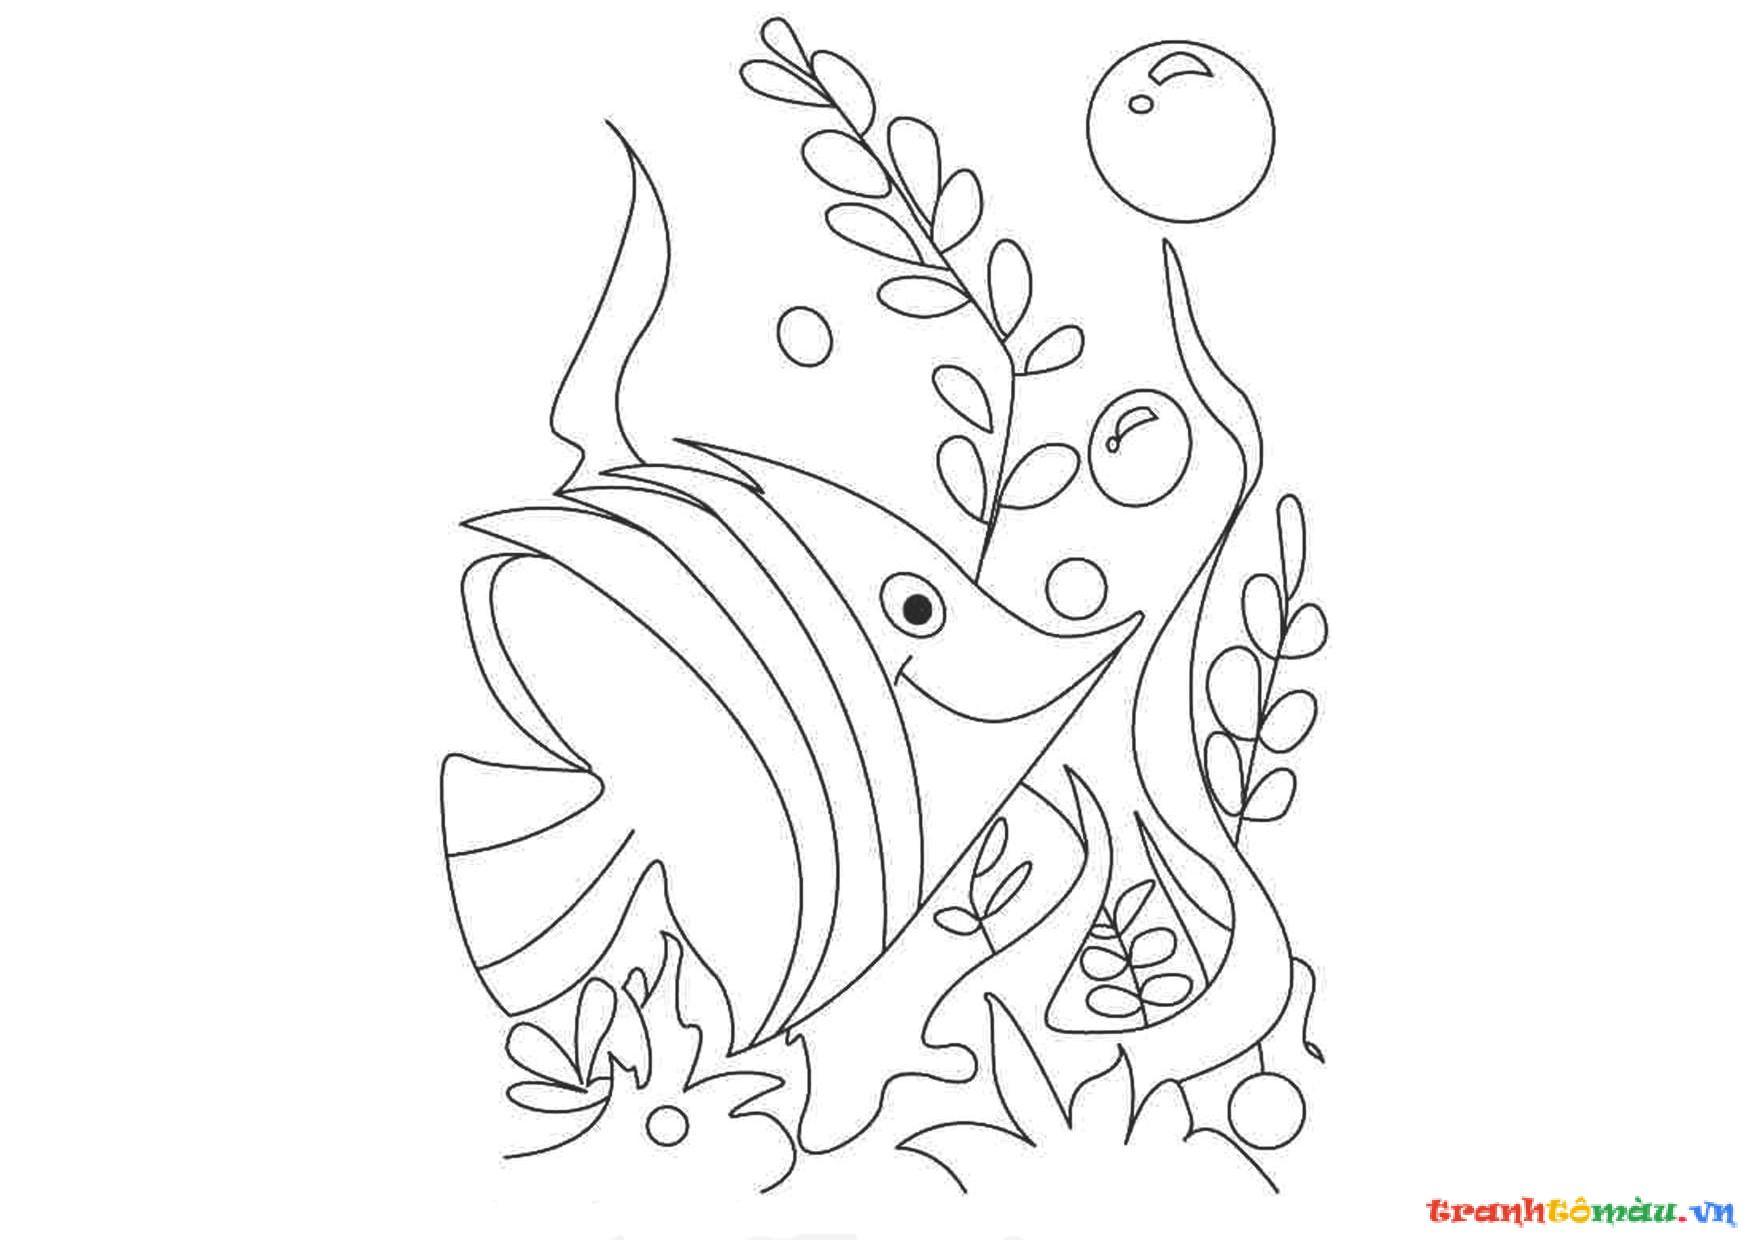 Tranh tô màu rong và cá đẹp kích thích sáng tạo 3